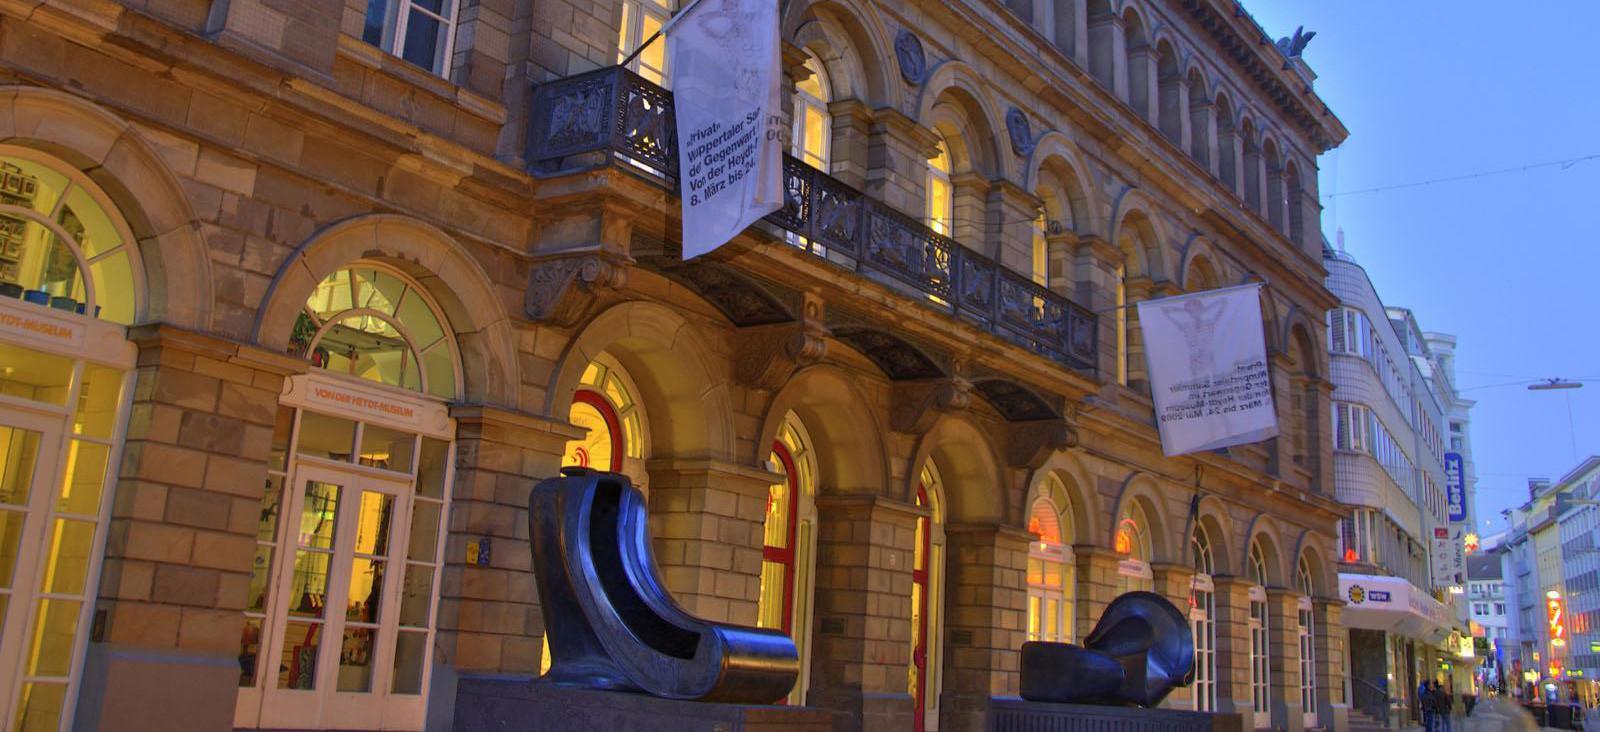 Von der Heydt Museum Wuppertal